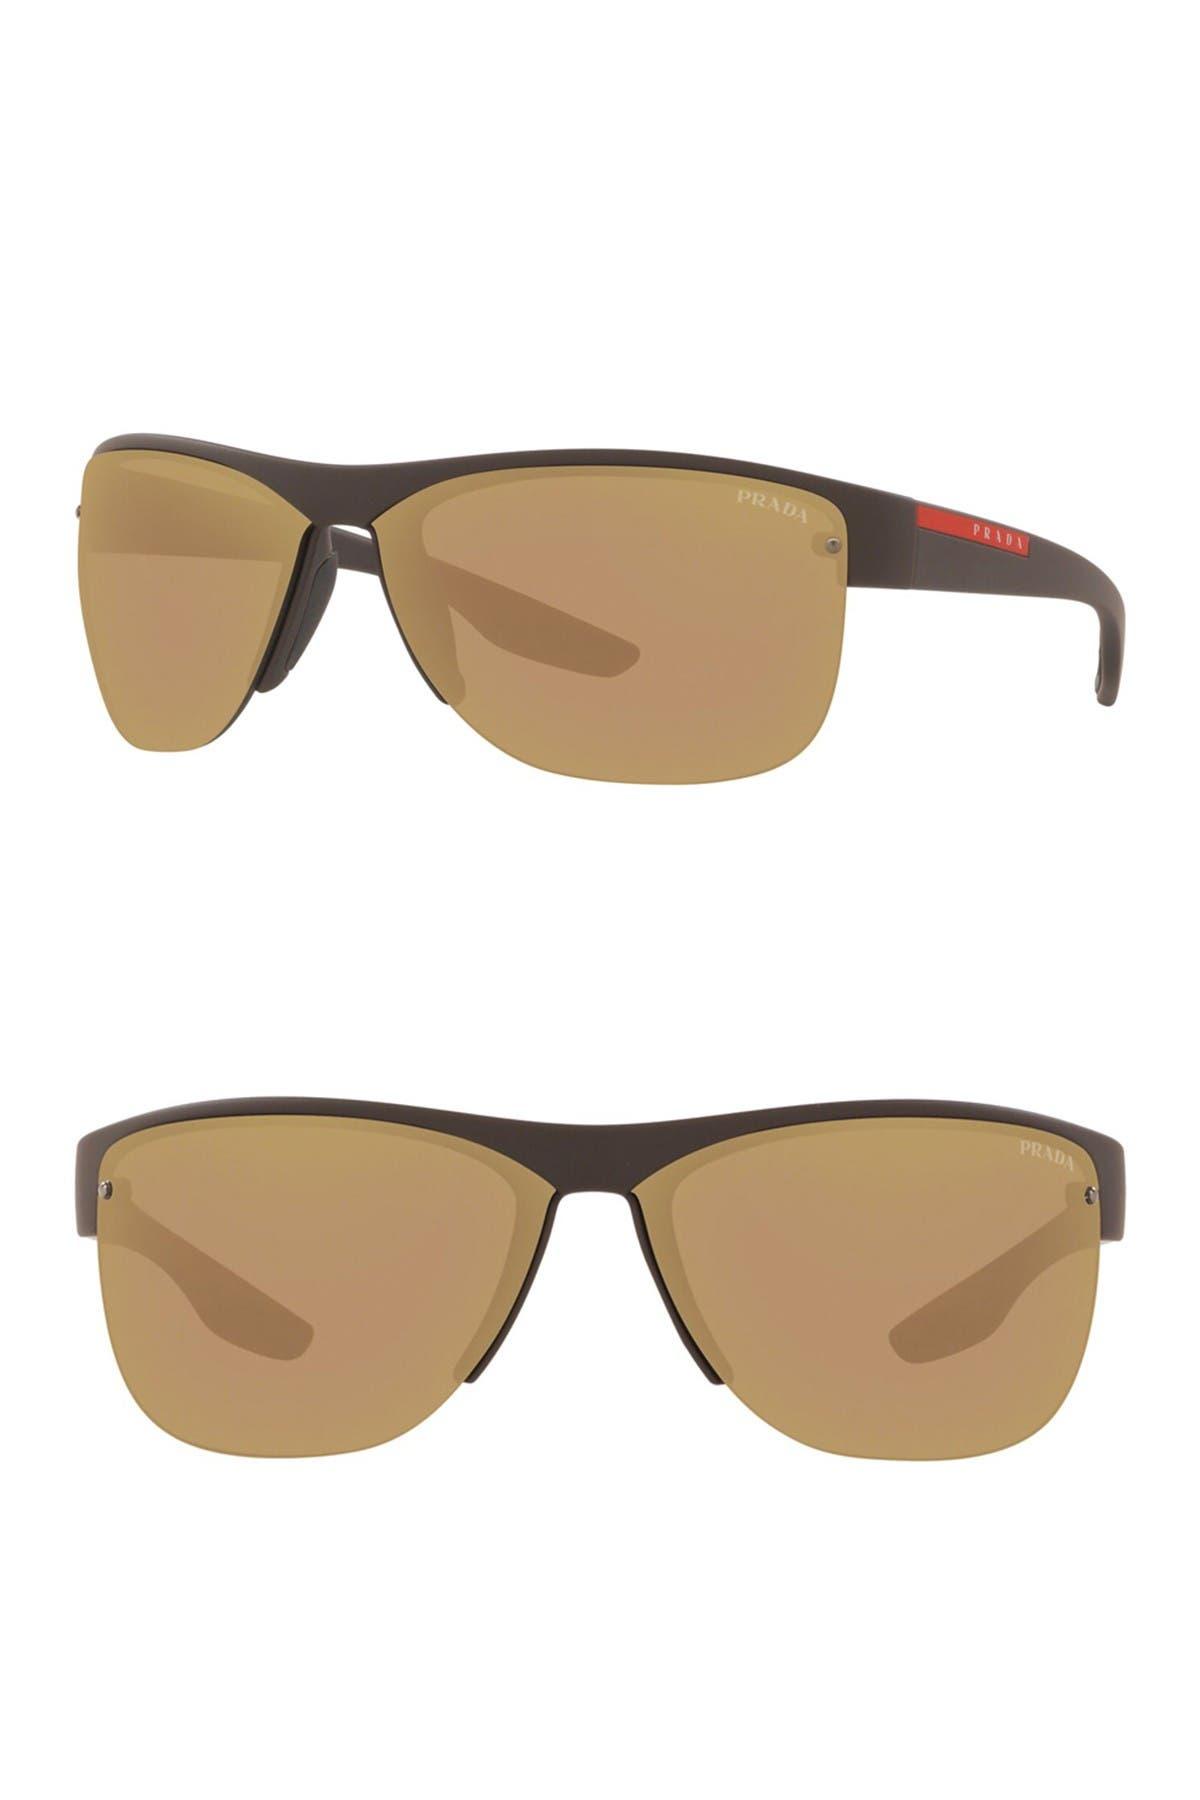 Image of PRADA LINEA ROSSA 68mm Pillow Sunglasses